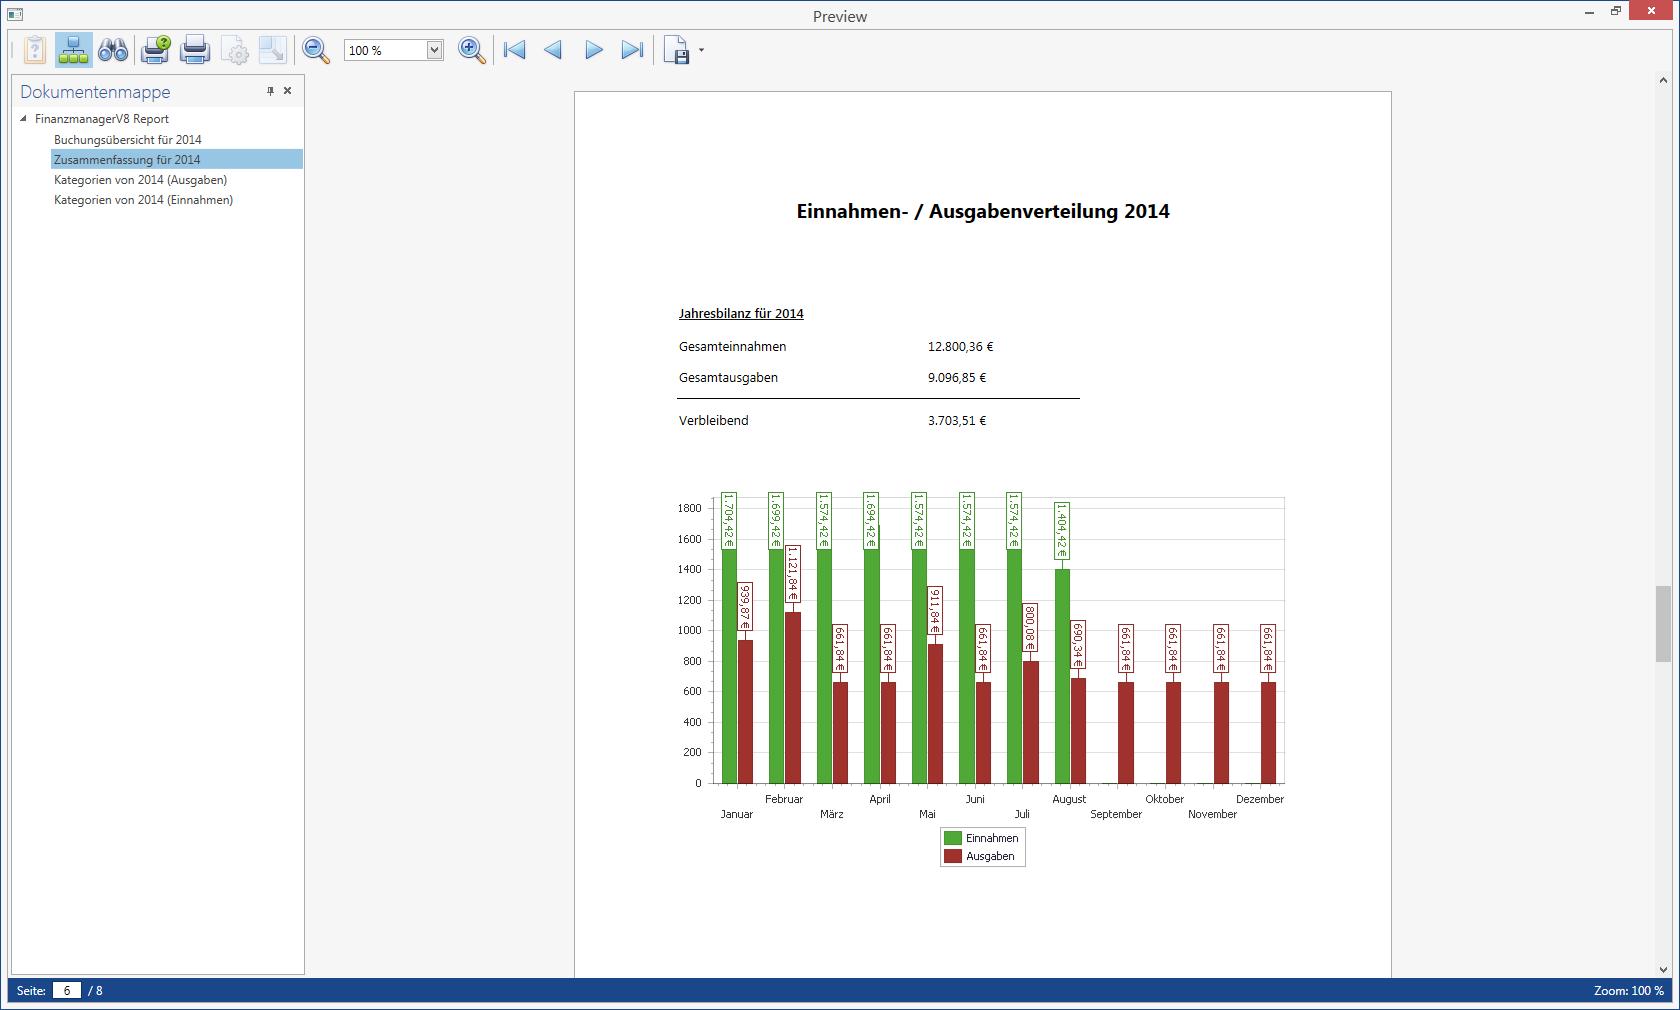 Individuelle Berichte im Haushaltsbuch